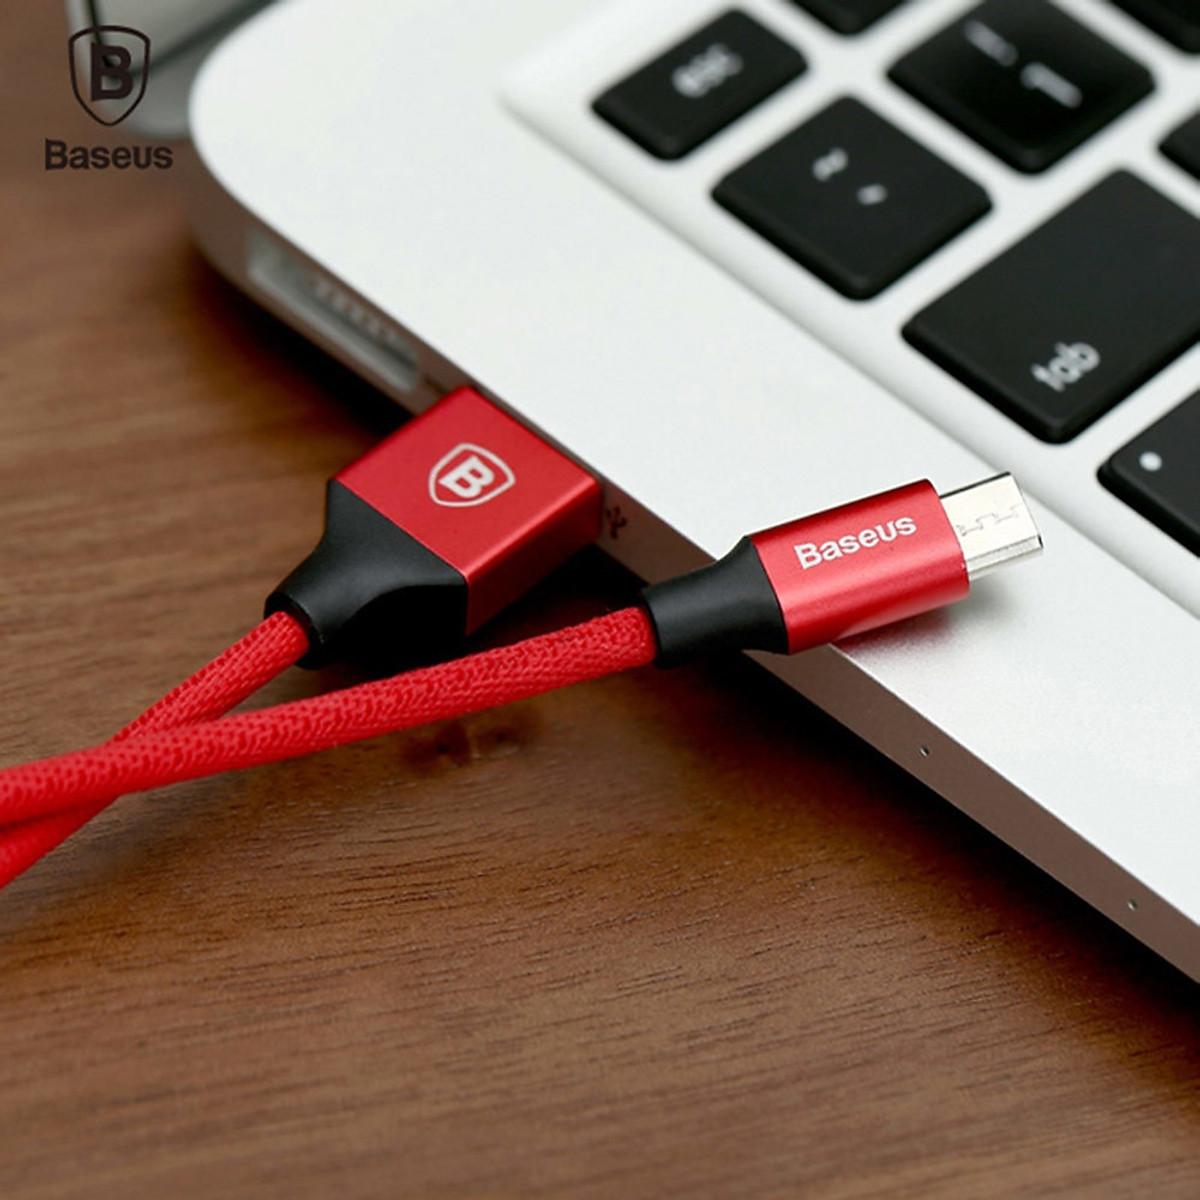 Cáp sạc USB ra Micro USB Baseus Yiven dài 1m - Hàng chính hãng 17